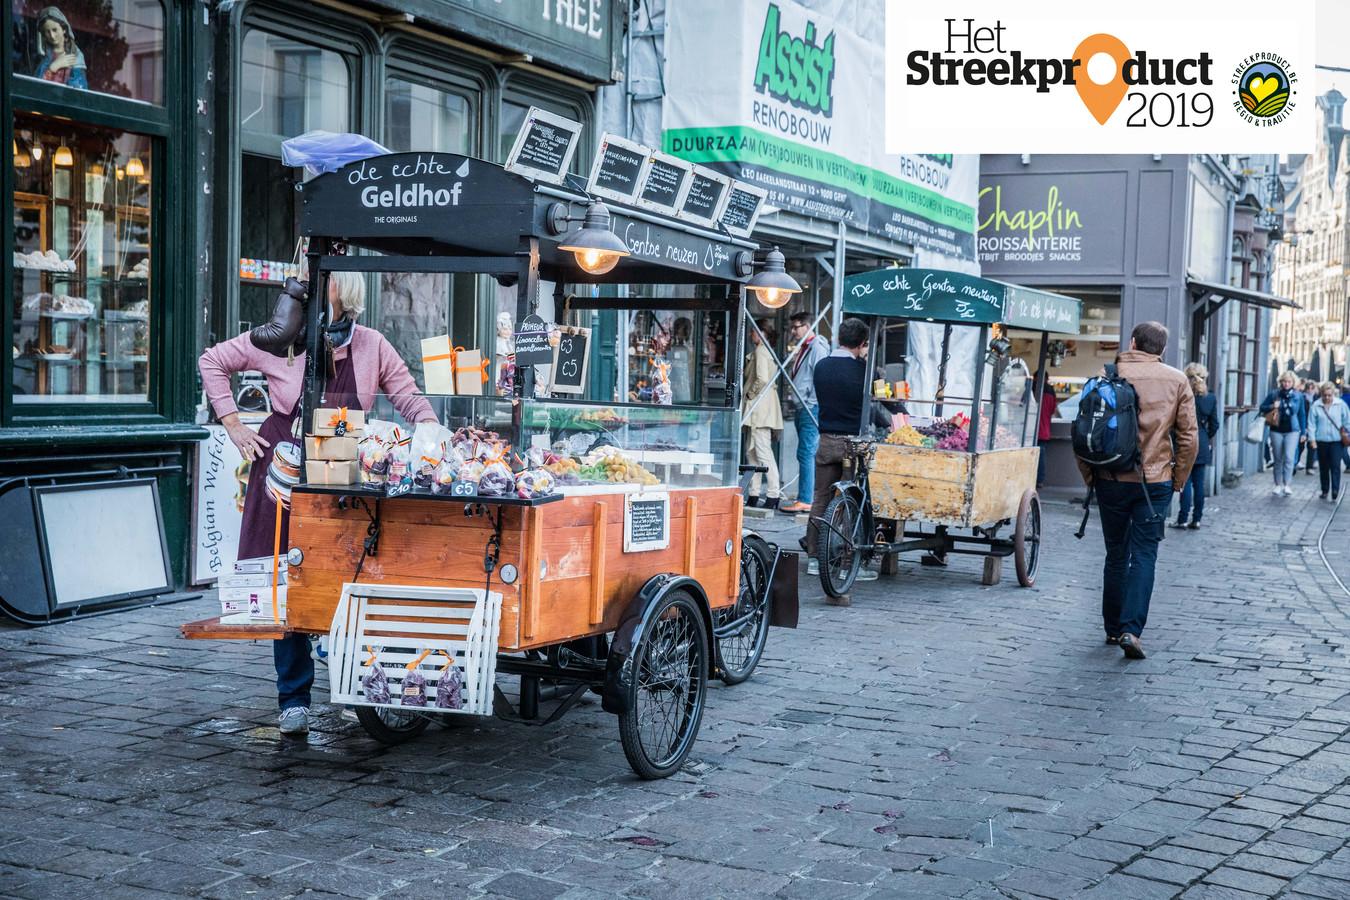 De neuzekesverkopers op de Groentenmarkt. Illustratiebeeld.